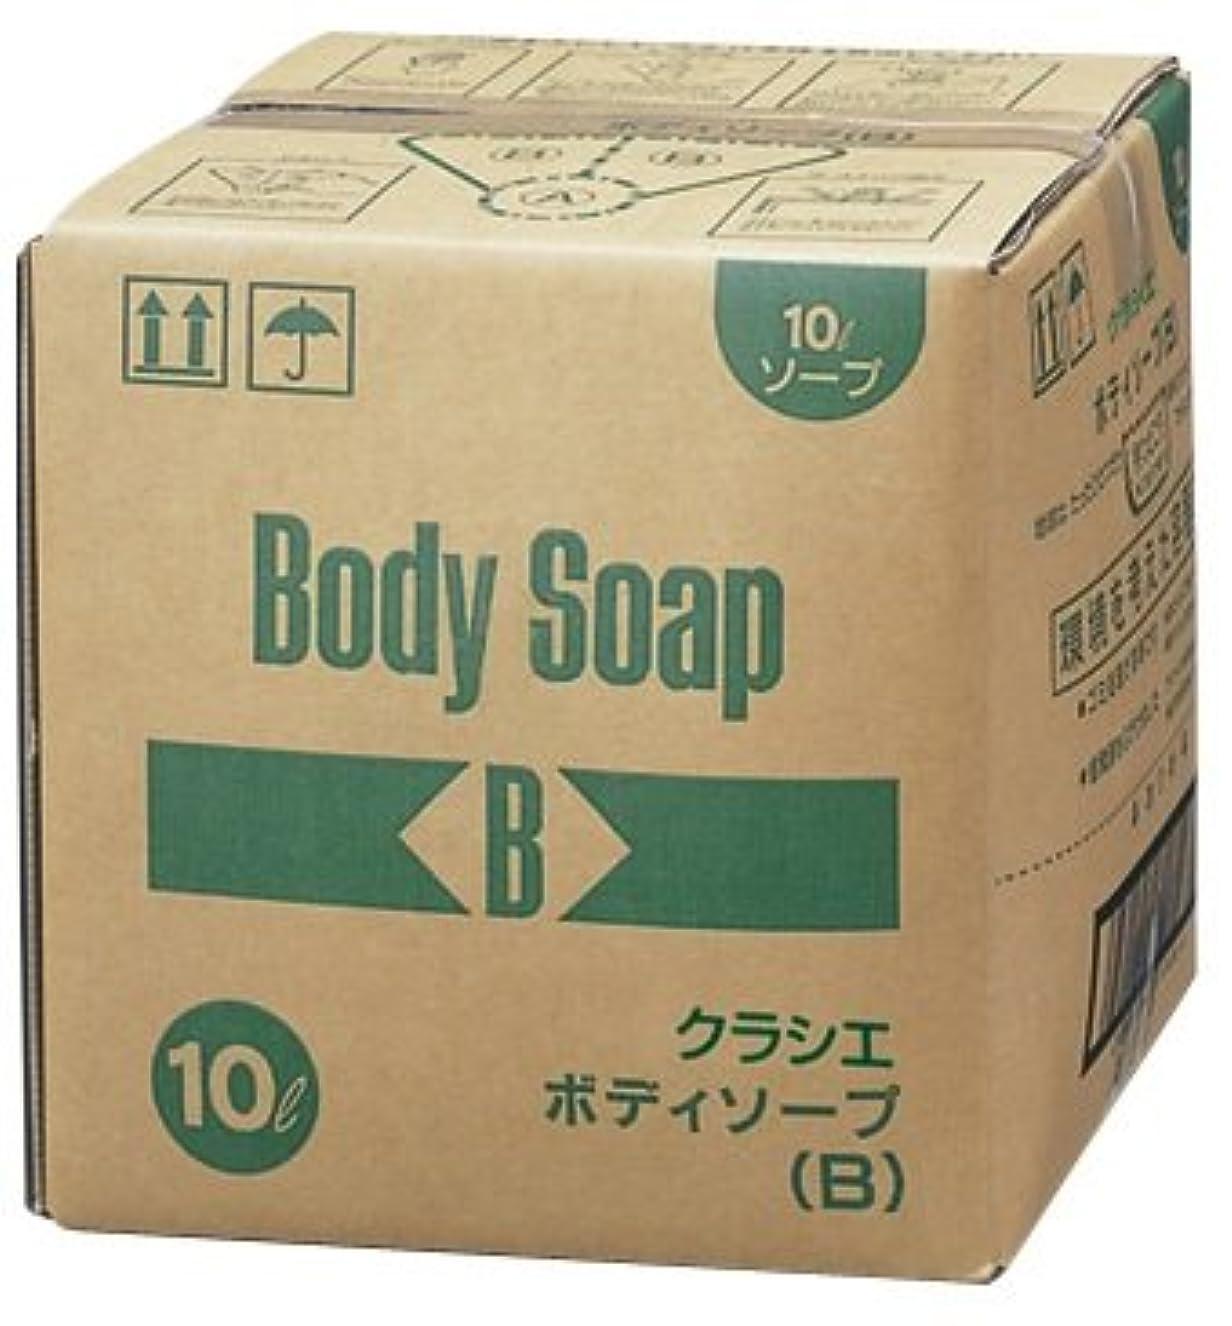 傾向レイアウト平和kracie(クラシエ) Bシリーズ ボディソープ 石鹸タイプ フレッシュグリーンの香り 10L 業務用 家庭様向け 容器3本